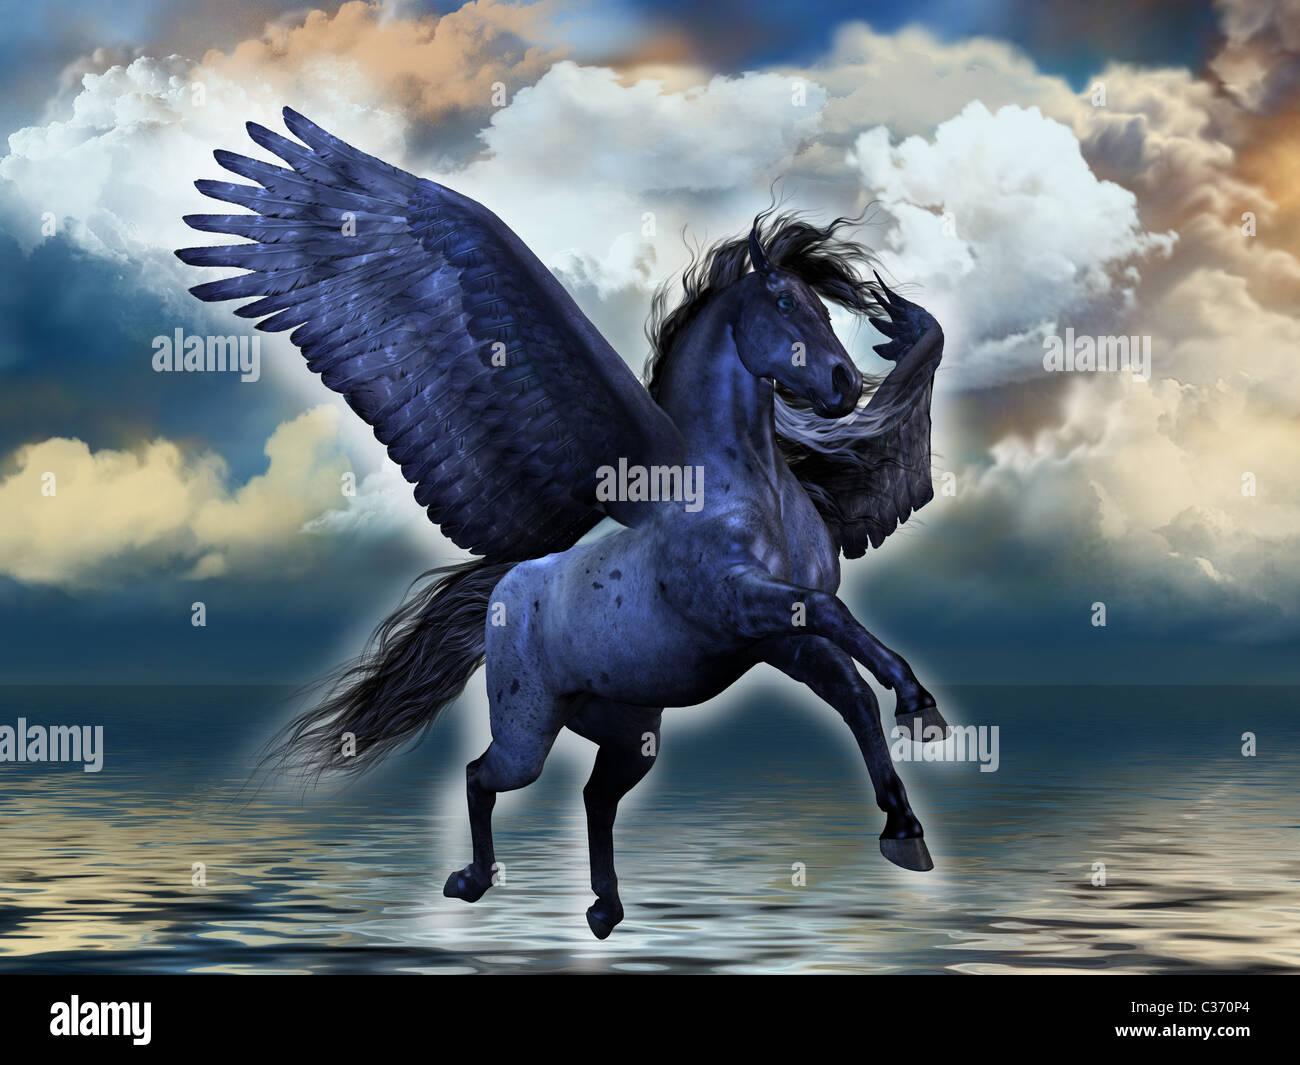 Ein schwarzer roan Pegasus Hengst leuchtet mit magischen Kräften. Stockbild